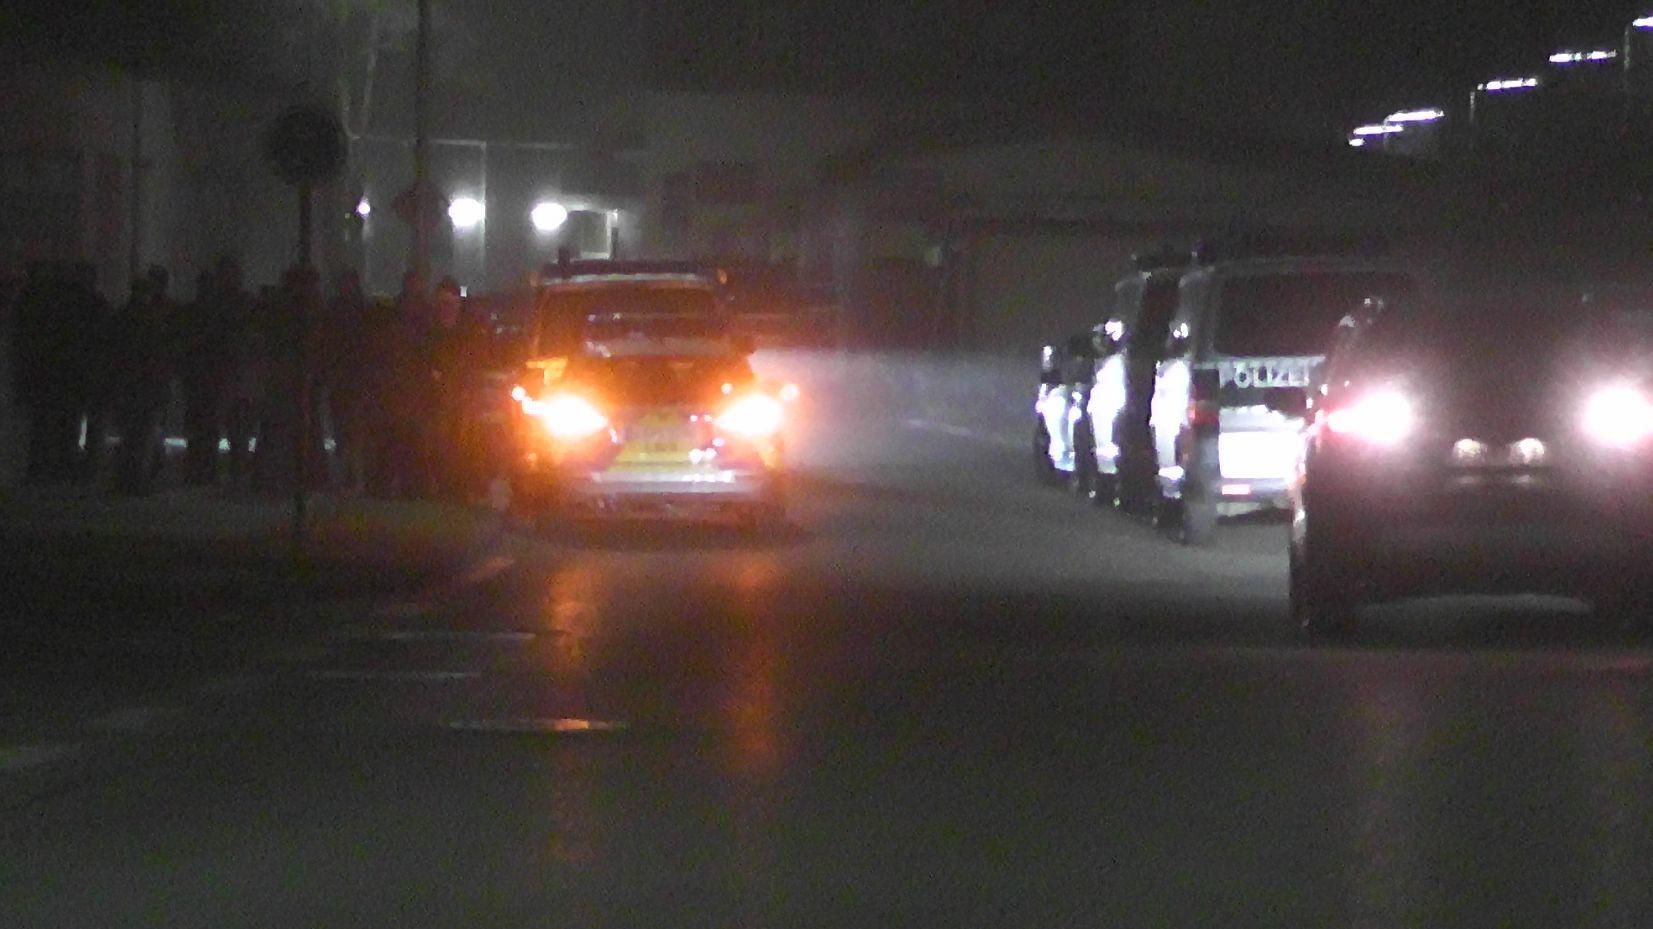 Mehrere Polizeiautos stehen an der Straße, daneben viele Polizisten